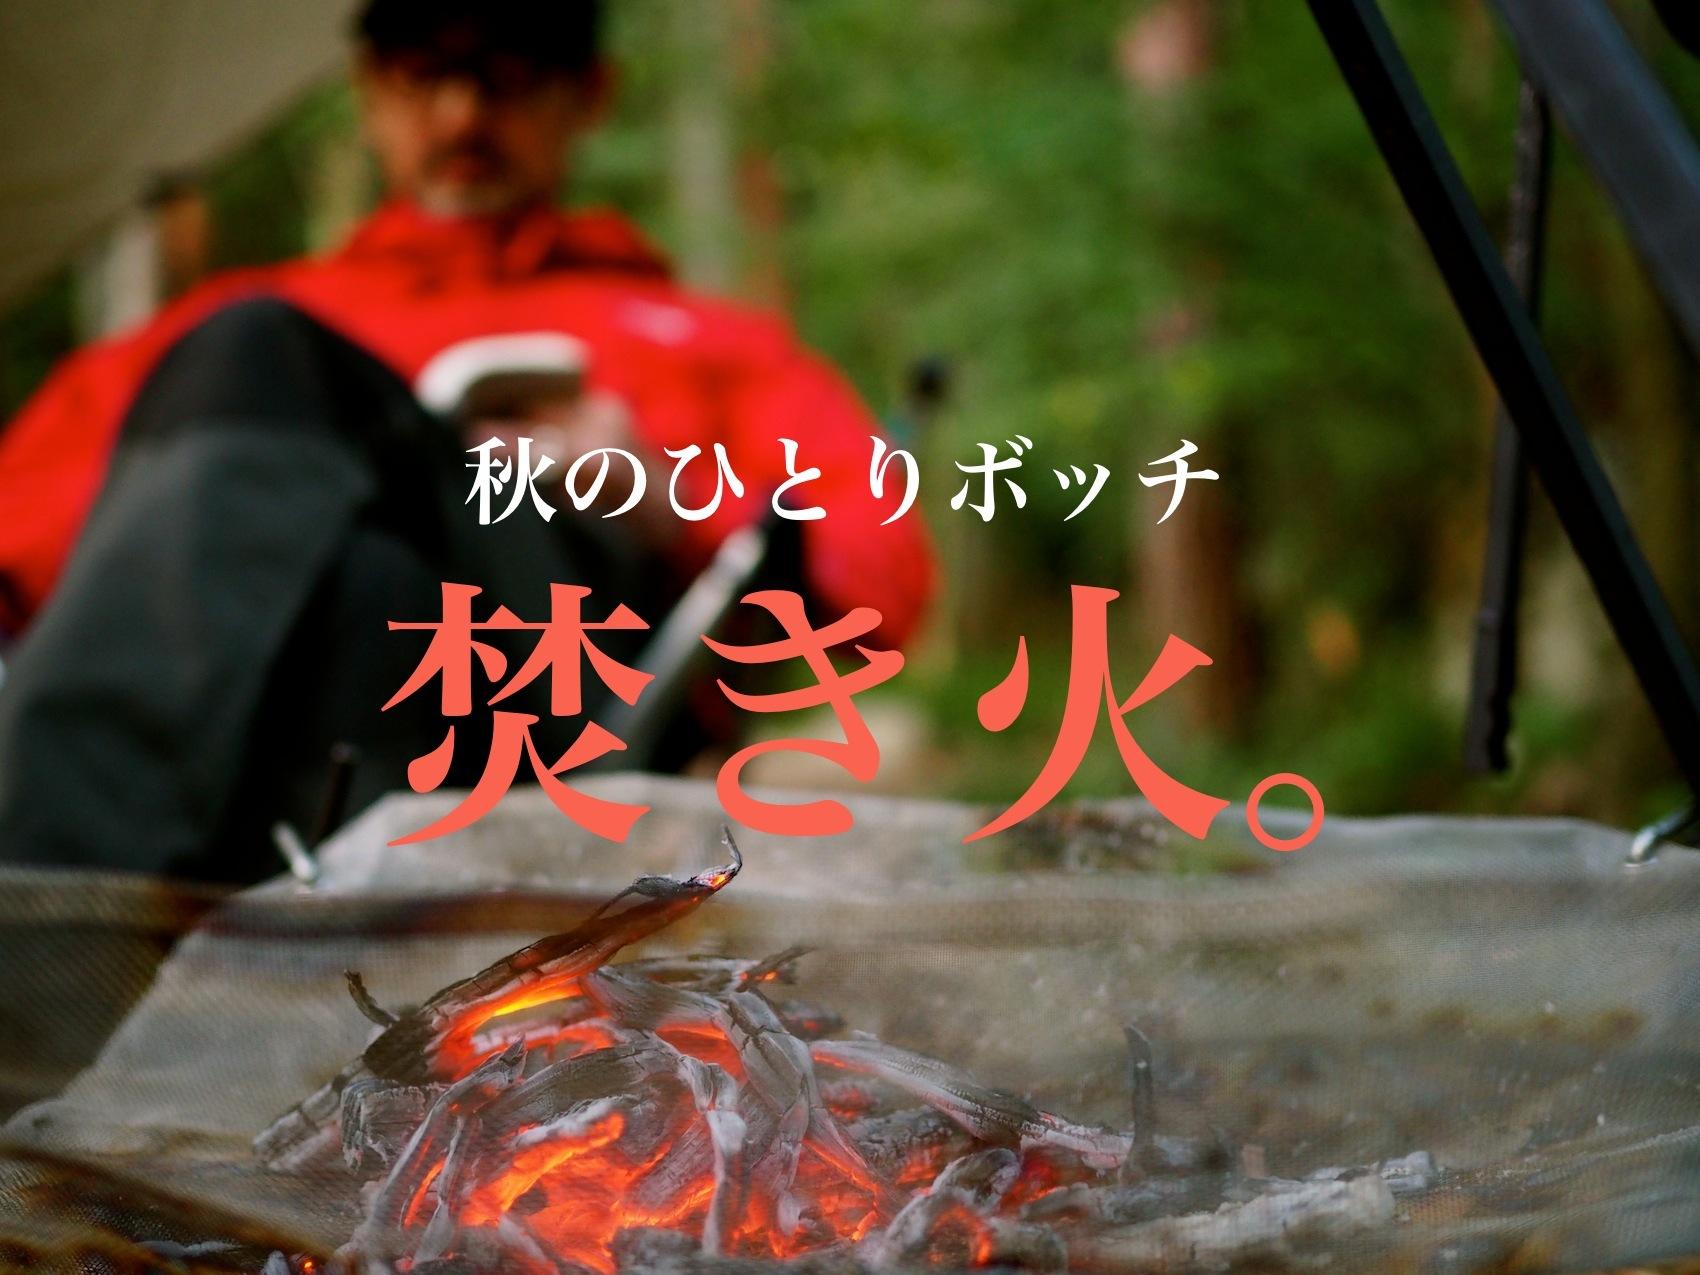 秋の静かになったキャンプ場、大人のひとりボッチ焚き火。